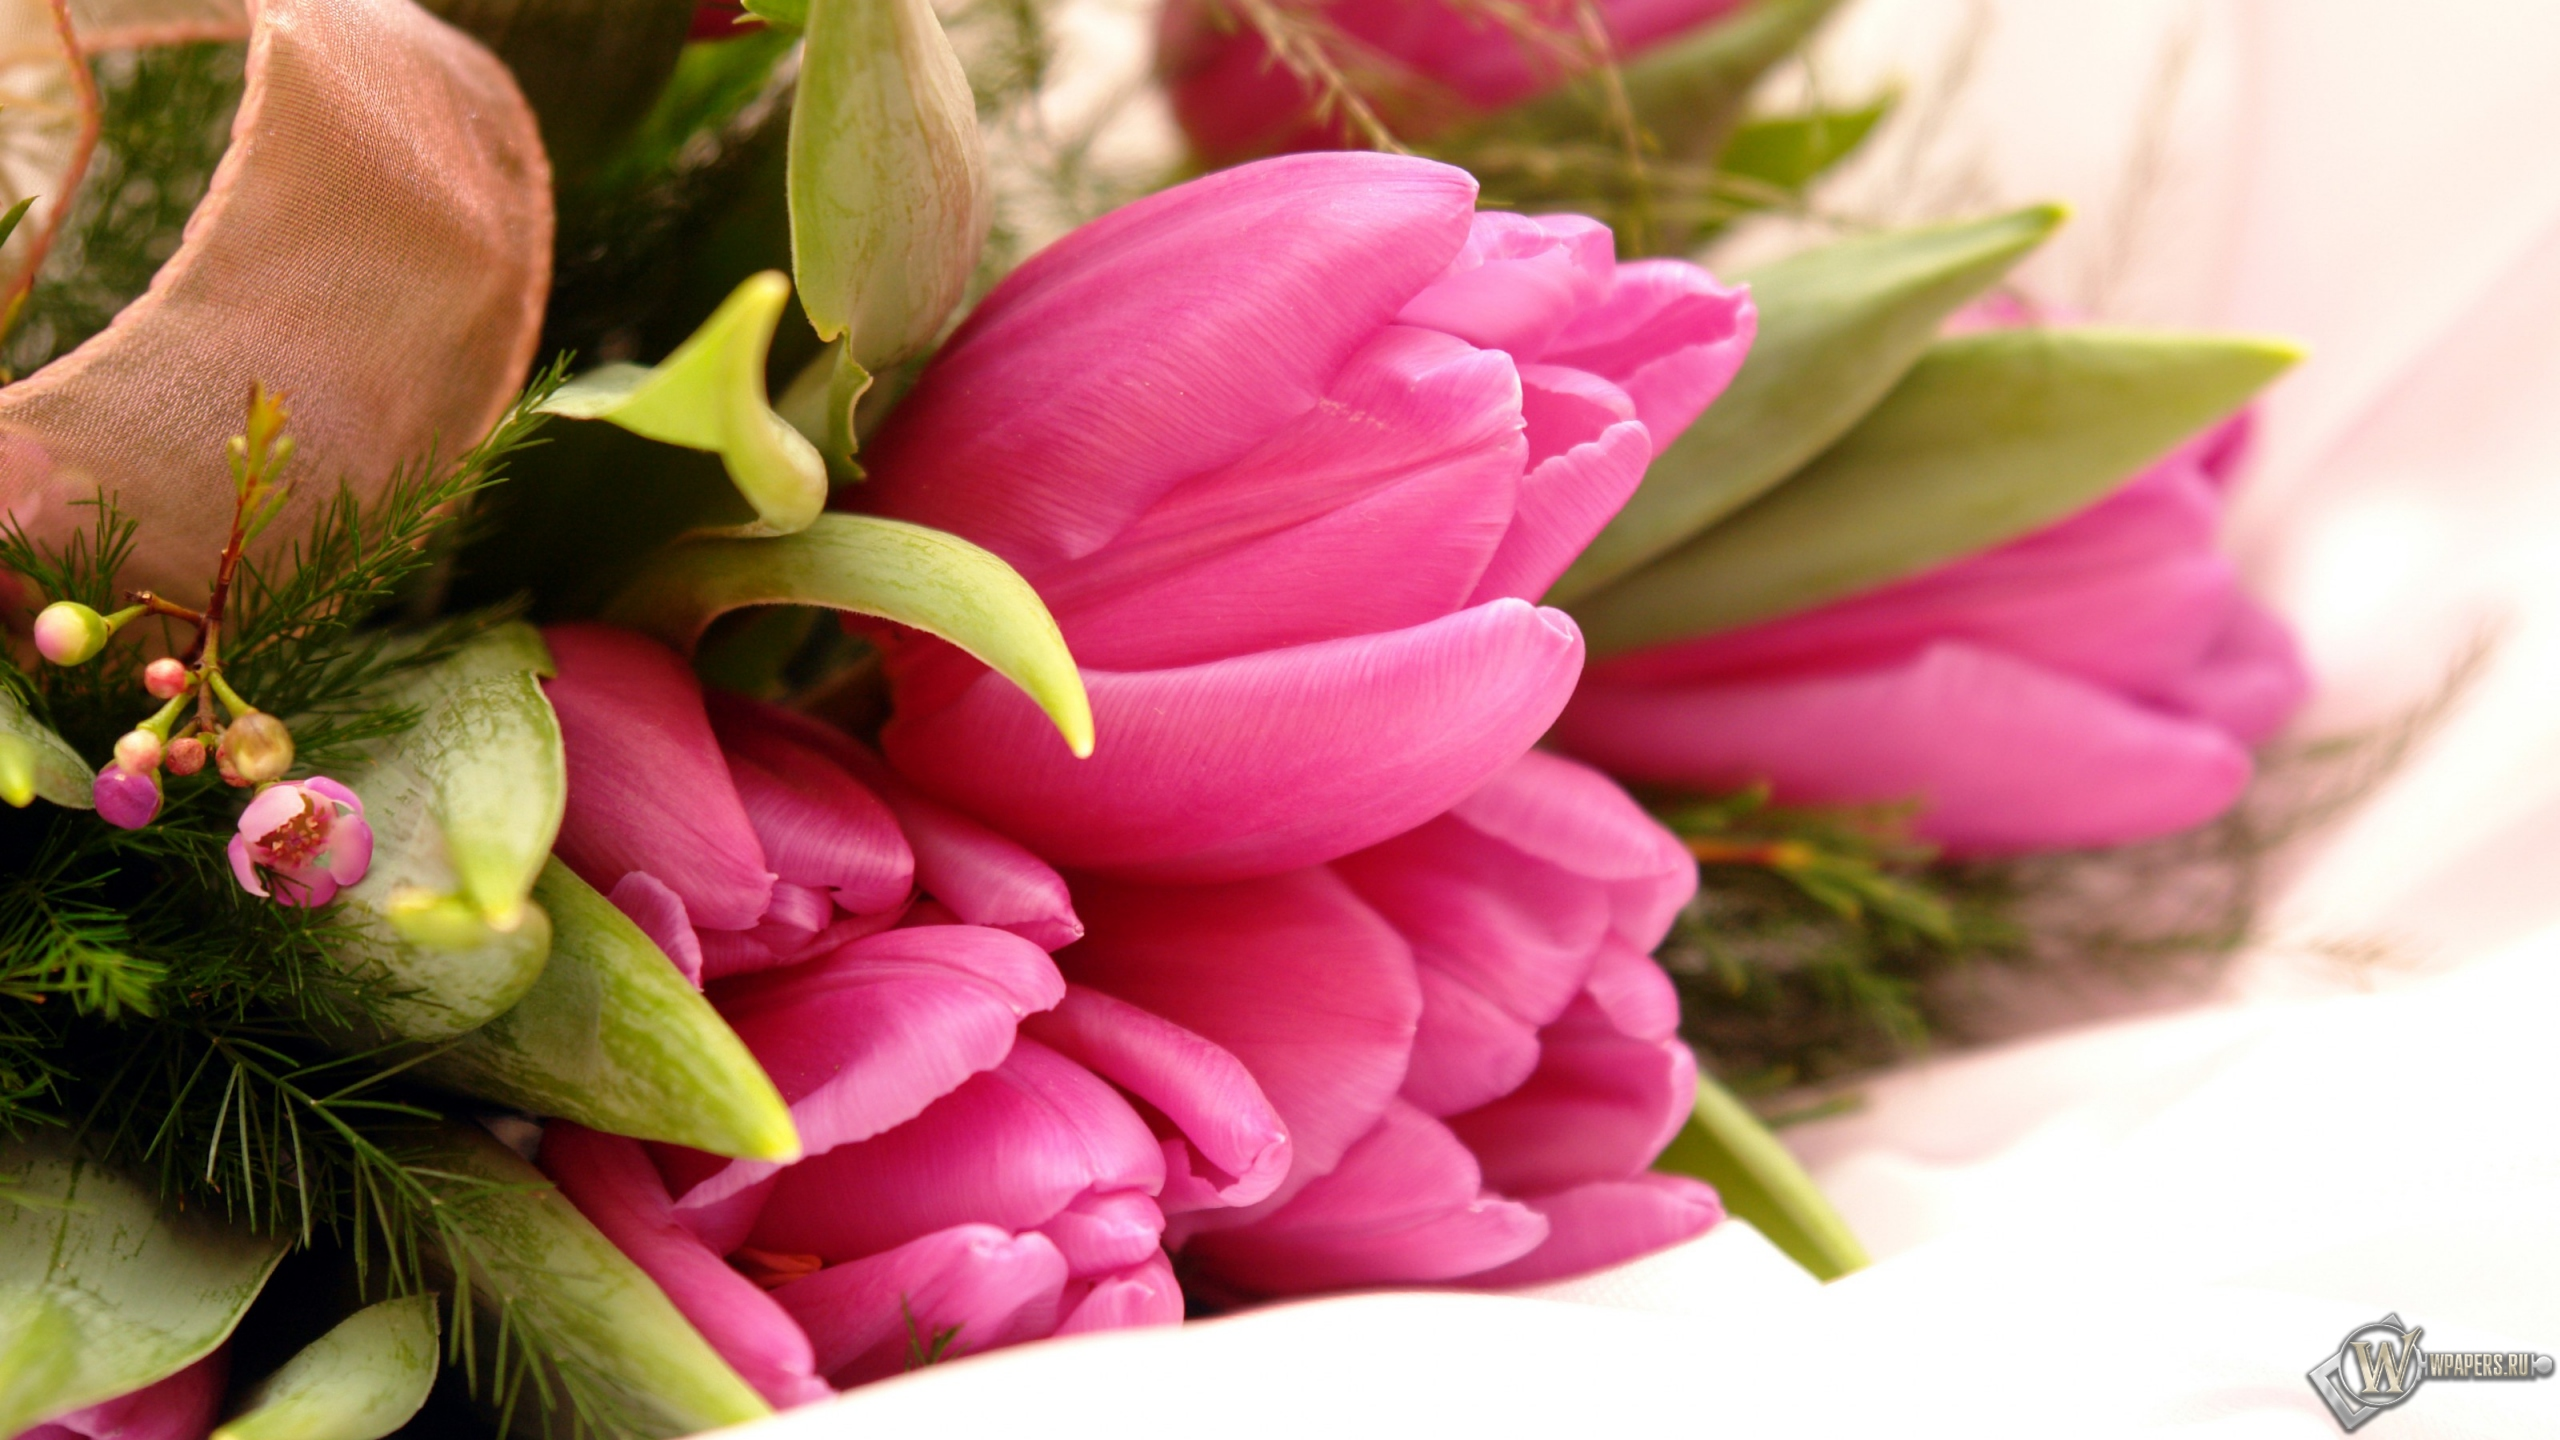 скачать картинки цветов: